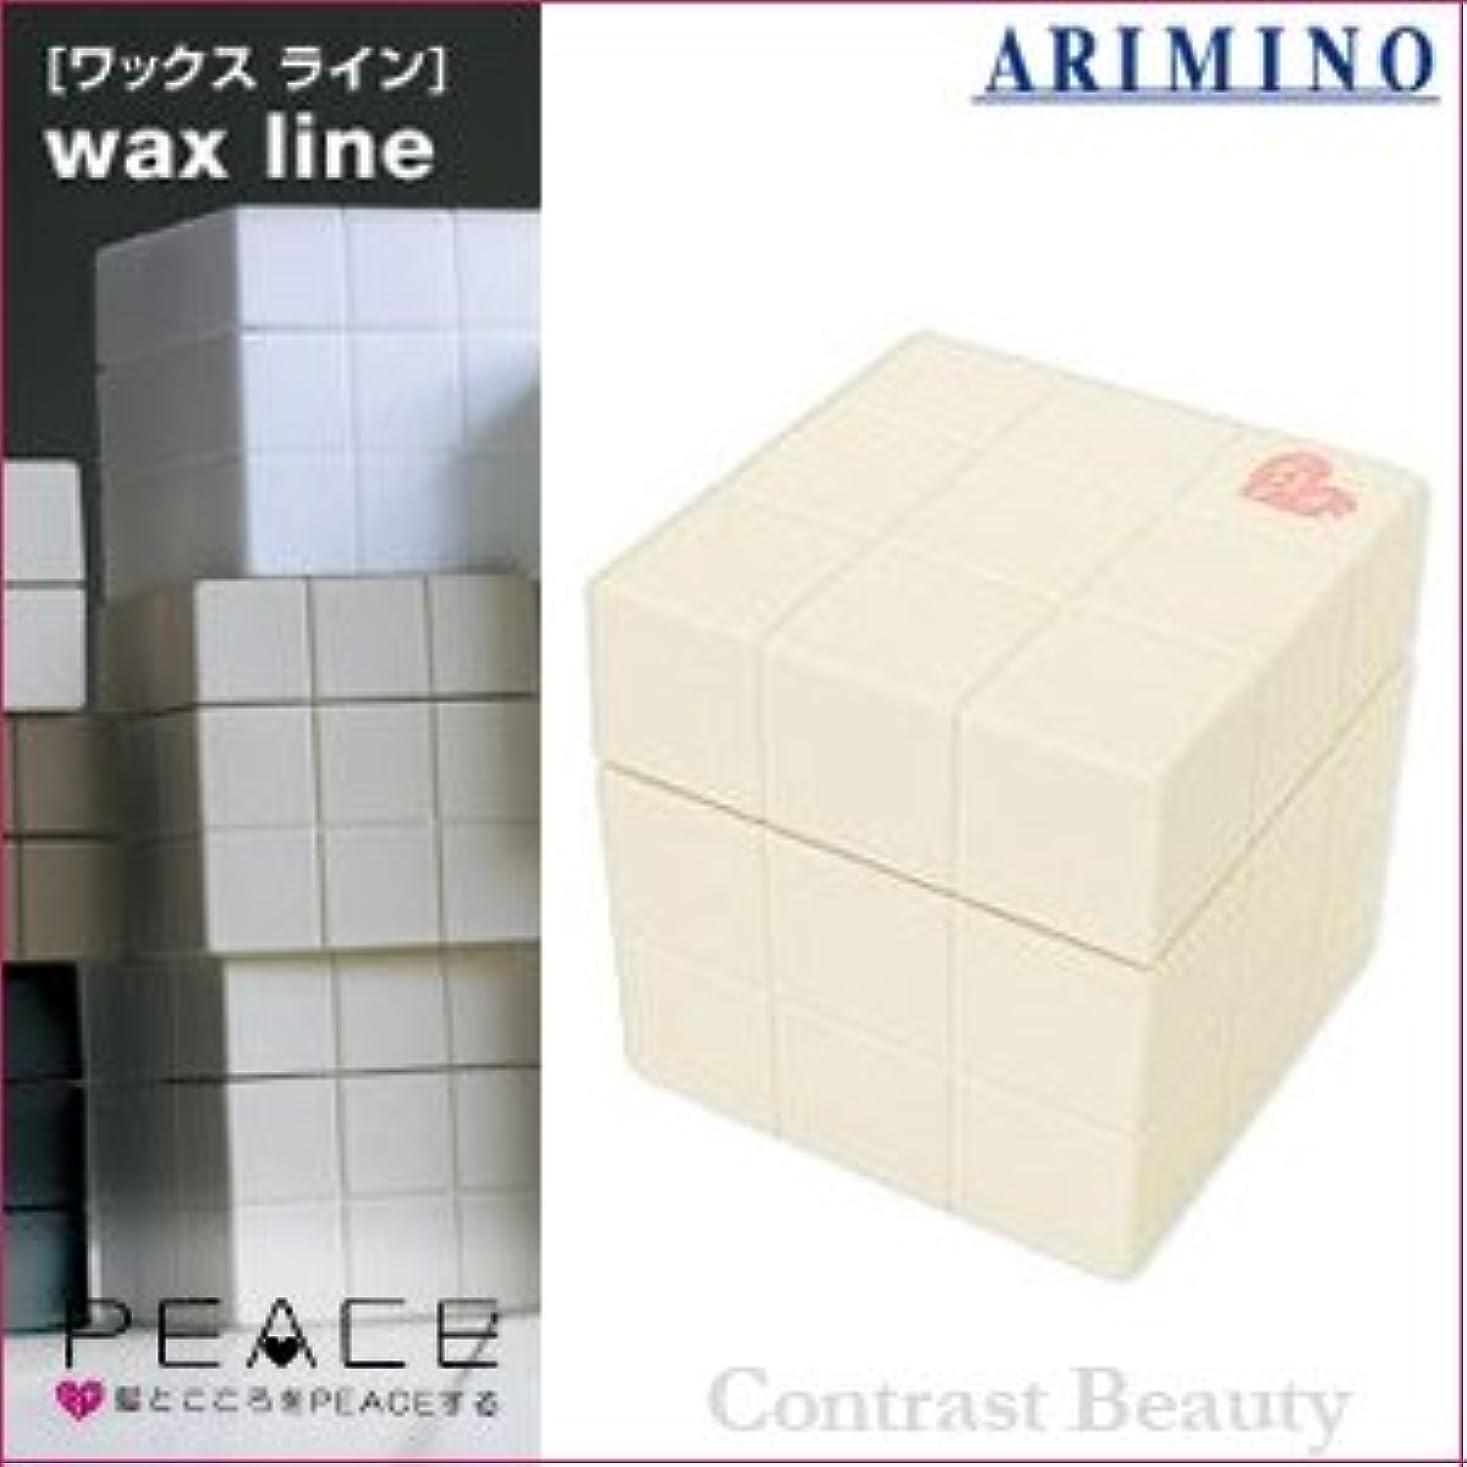 予報利益戦略【x3個セット】 アリミノ ピース プロデザインシリーズ ニュアンスワックス バニラ 80g